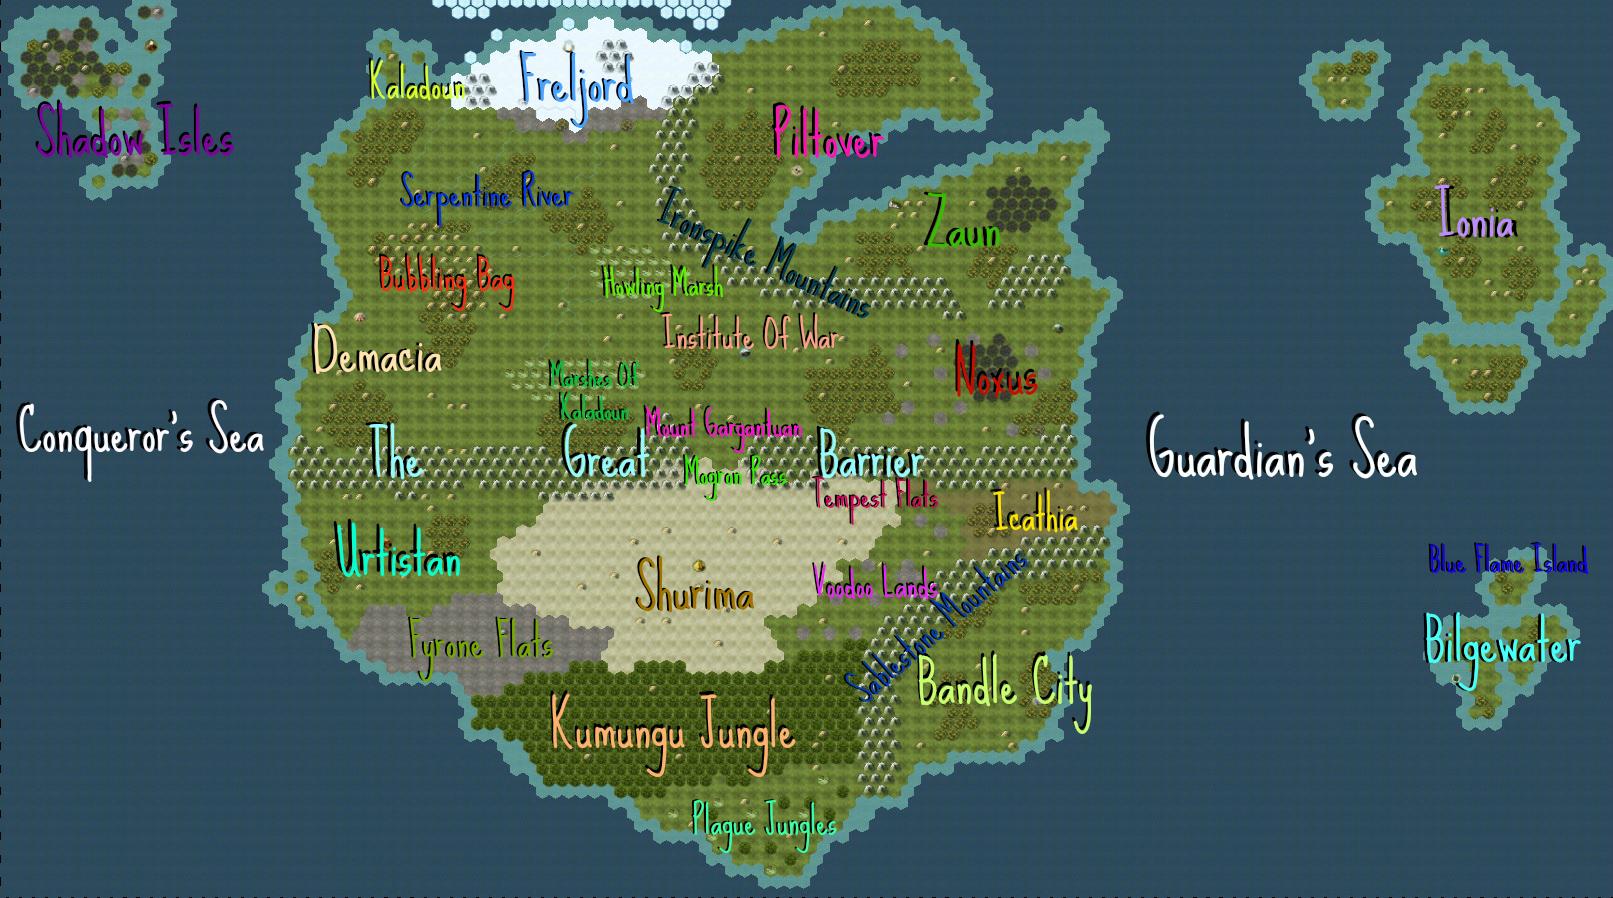 steam workshop dc runeterra map from league of legends